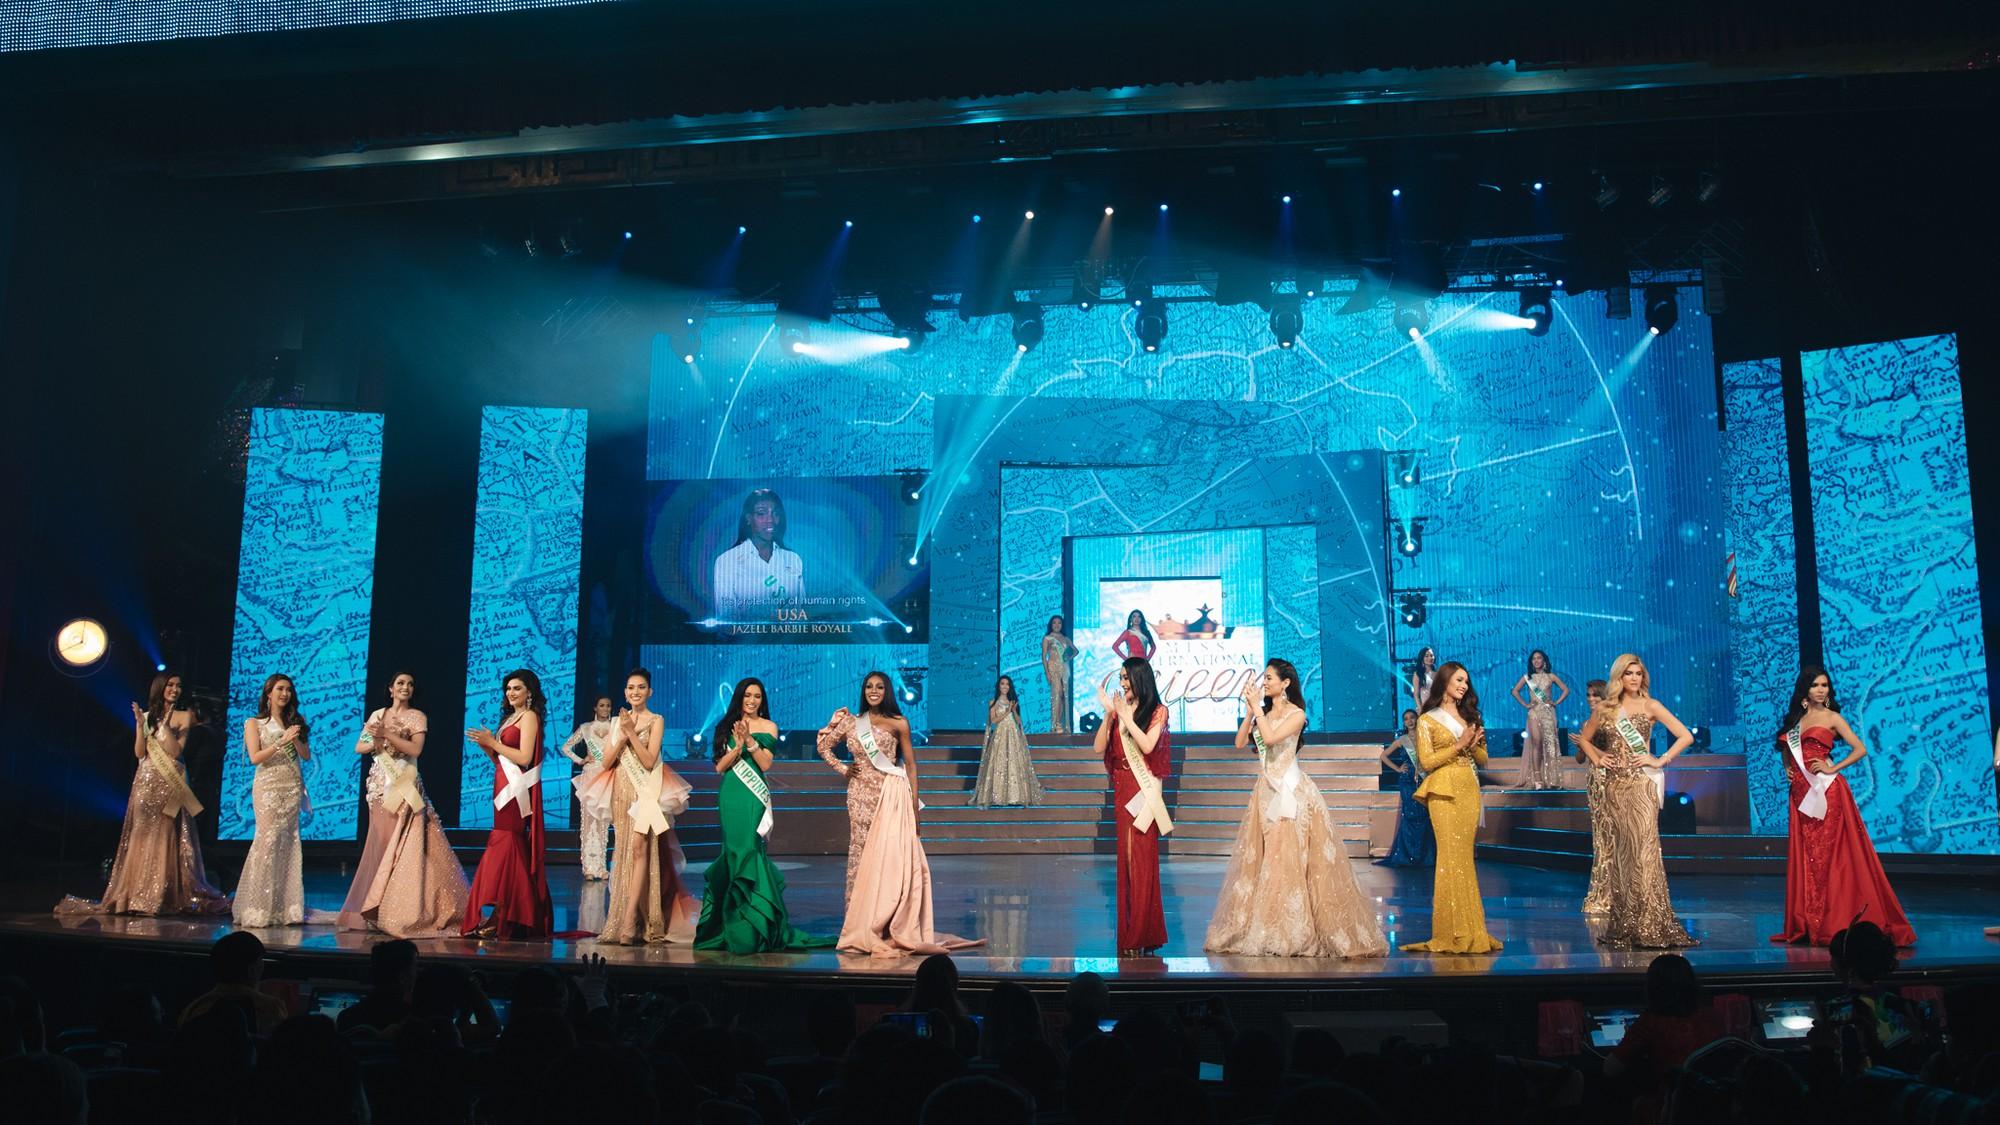 Đại diện Việt Nam - Đỗ Nhật Hà dừng chân tại Top 6 trong đêm Chung kết Hoa hậu Chuyển giới Quốc tế 2019 - Ảnh 8.